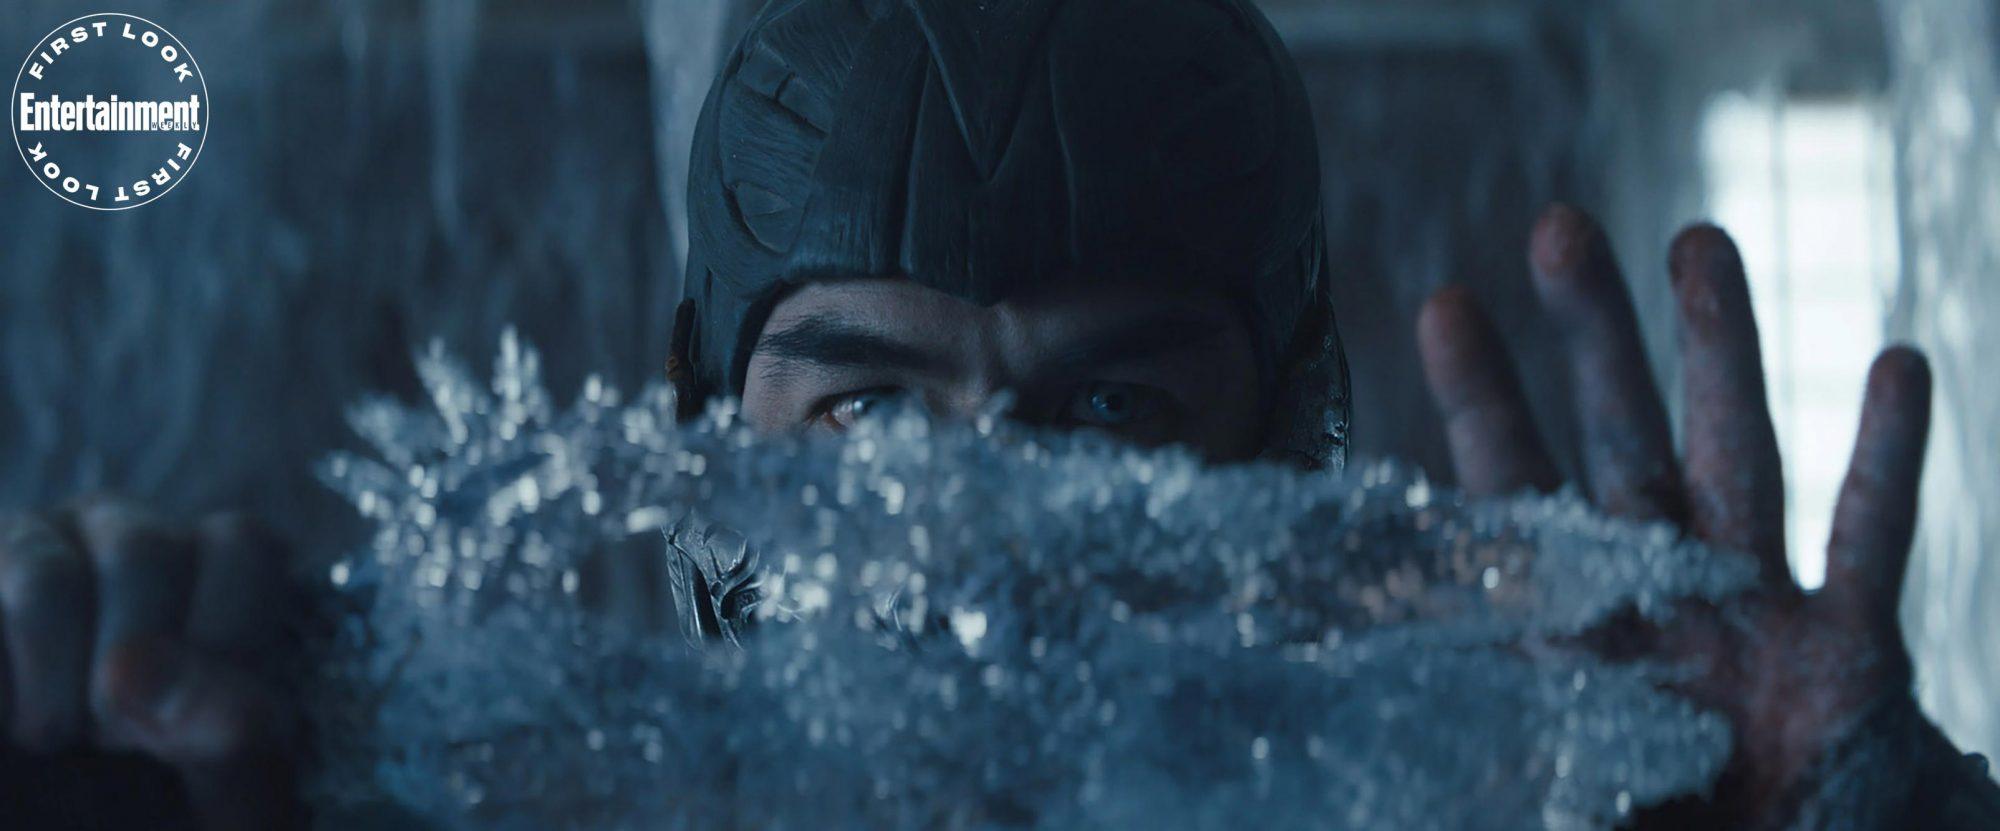 Mortal-Kombat-primeiras-imagens-longa-filme-reboot (3)